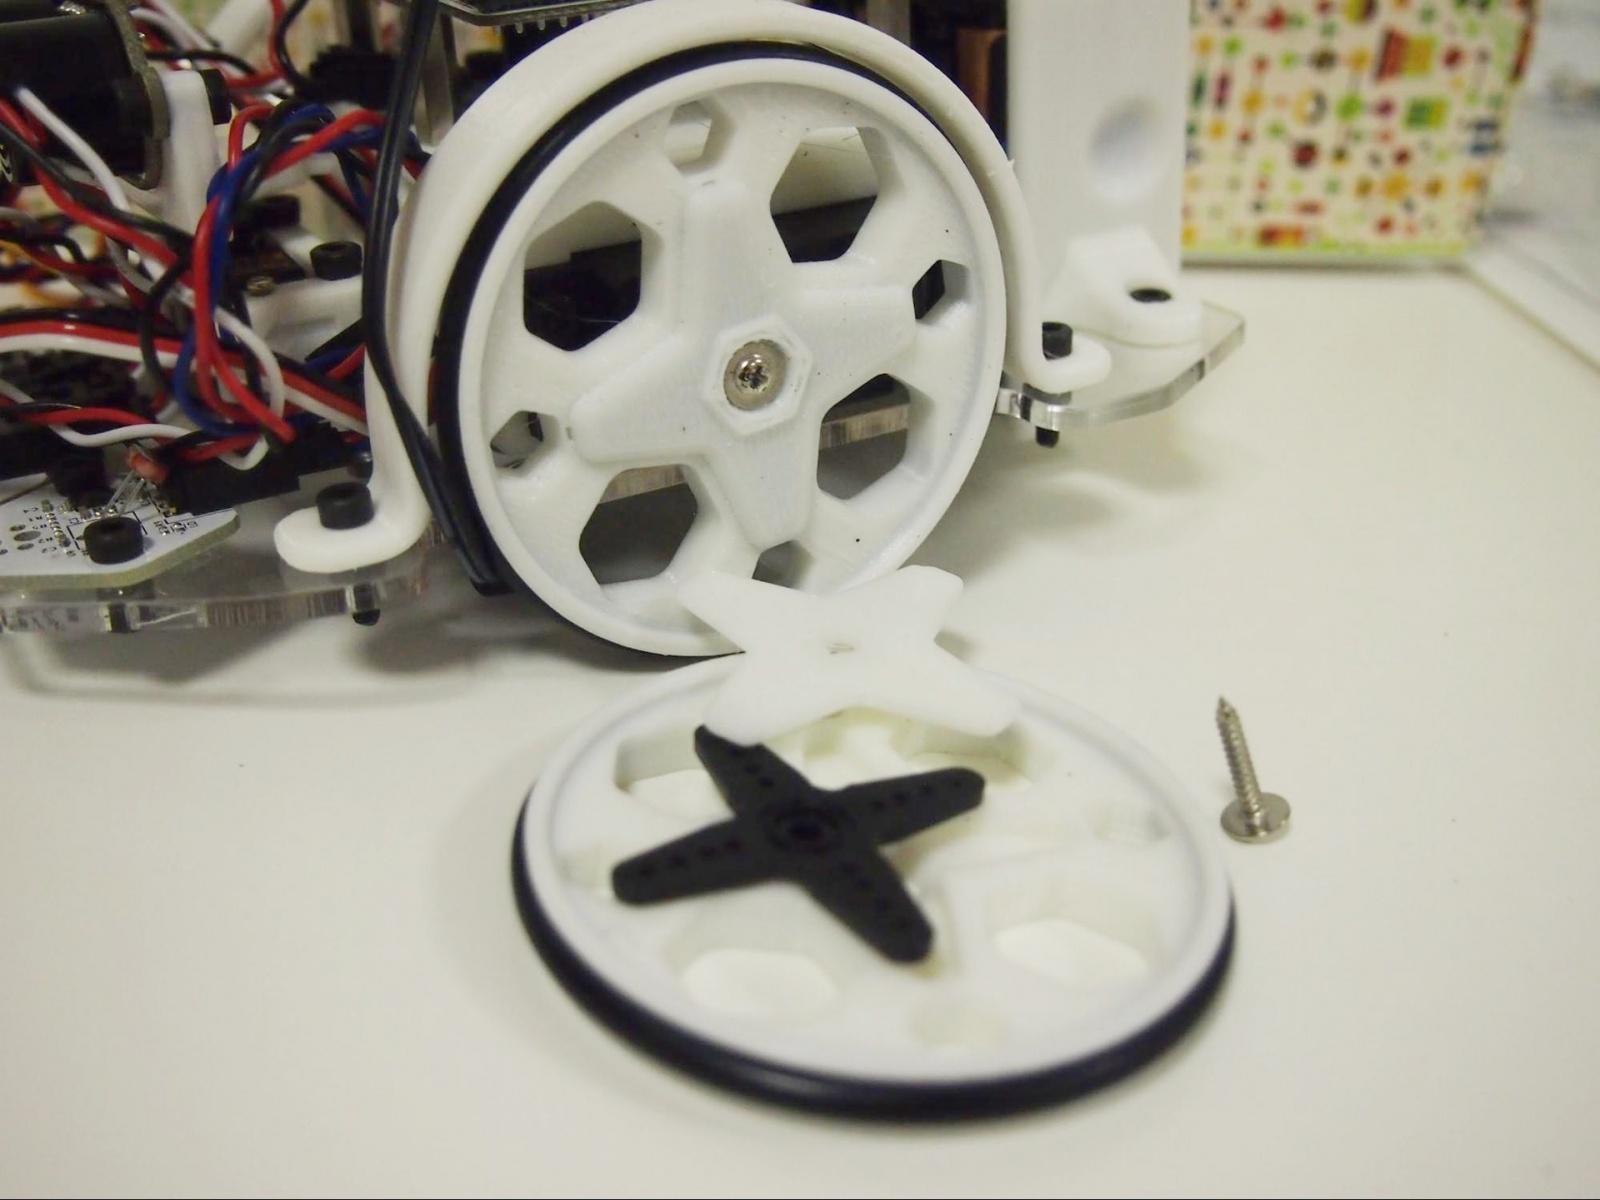 DIY Робот или эволюция в комплекте - 20